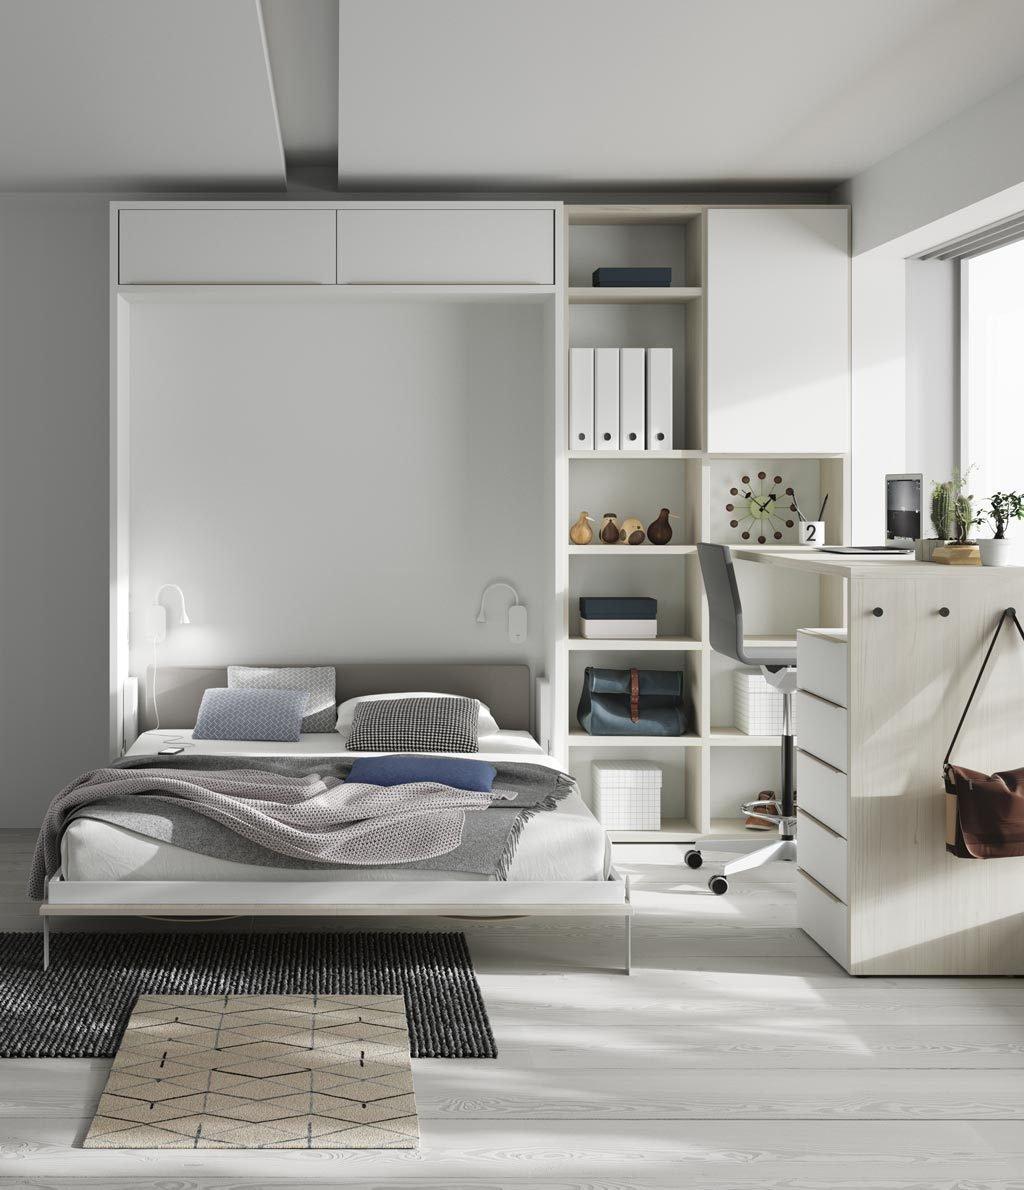 Las camas plegables de 150 en vertical sirven para aprovechar el espacio al máximo